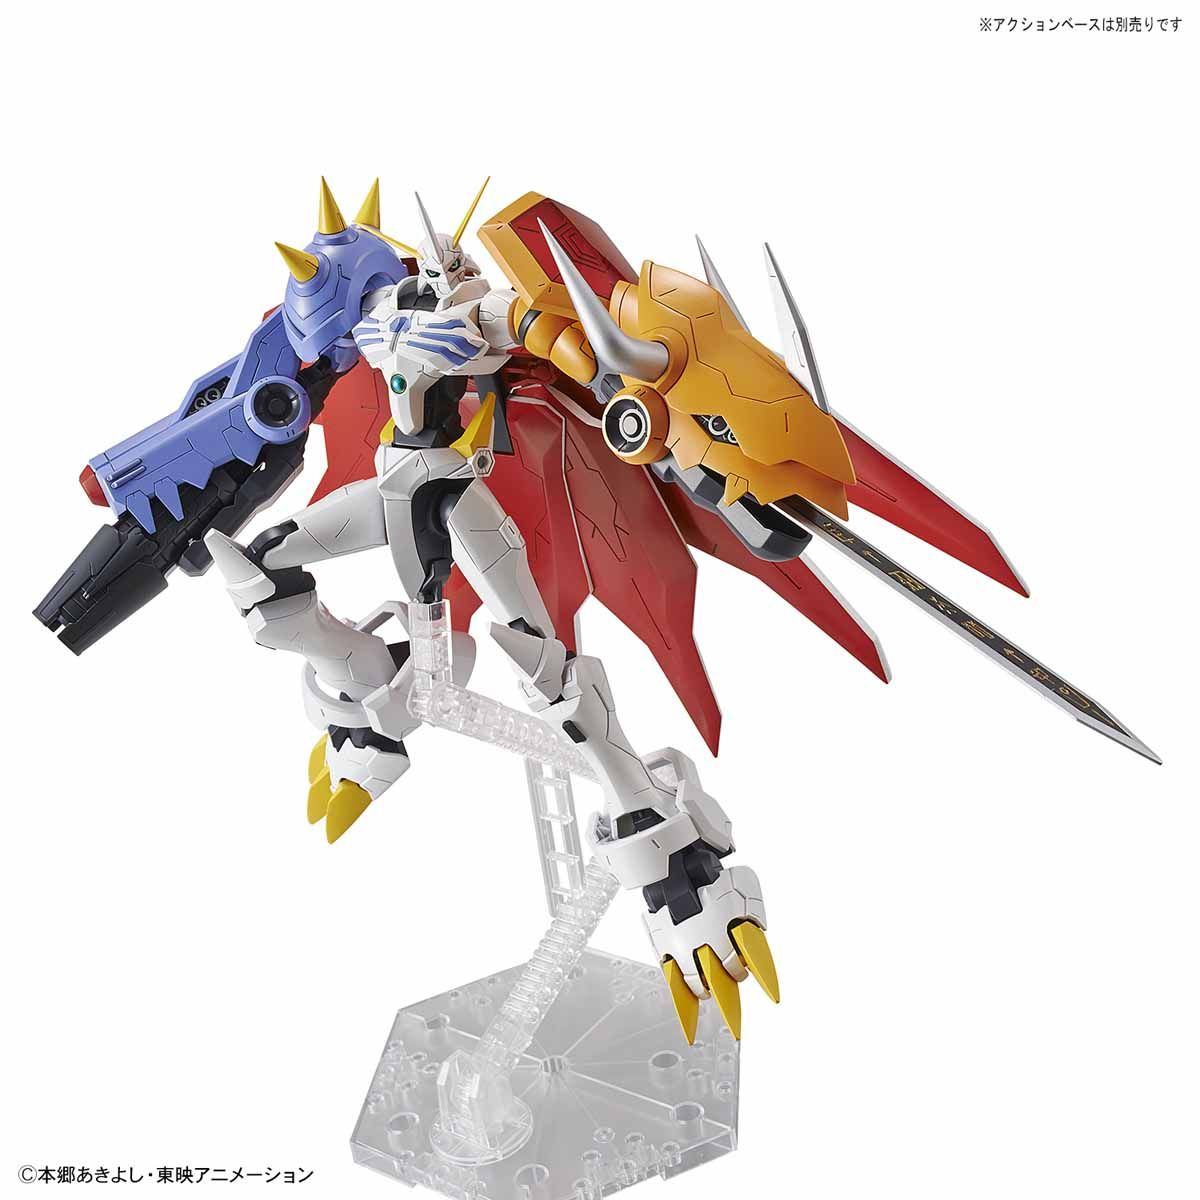 【再販】Figure-rise Standard『オメガモン(AMPLIFIED)』デジモンアドベンチャー プラモデル-006